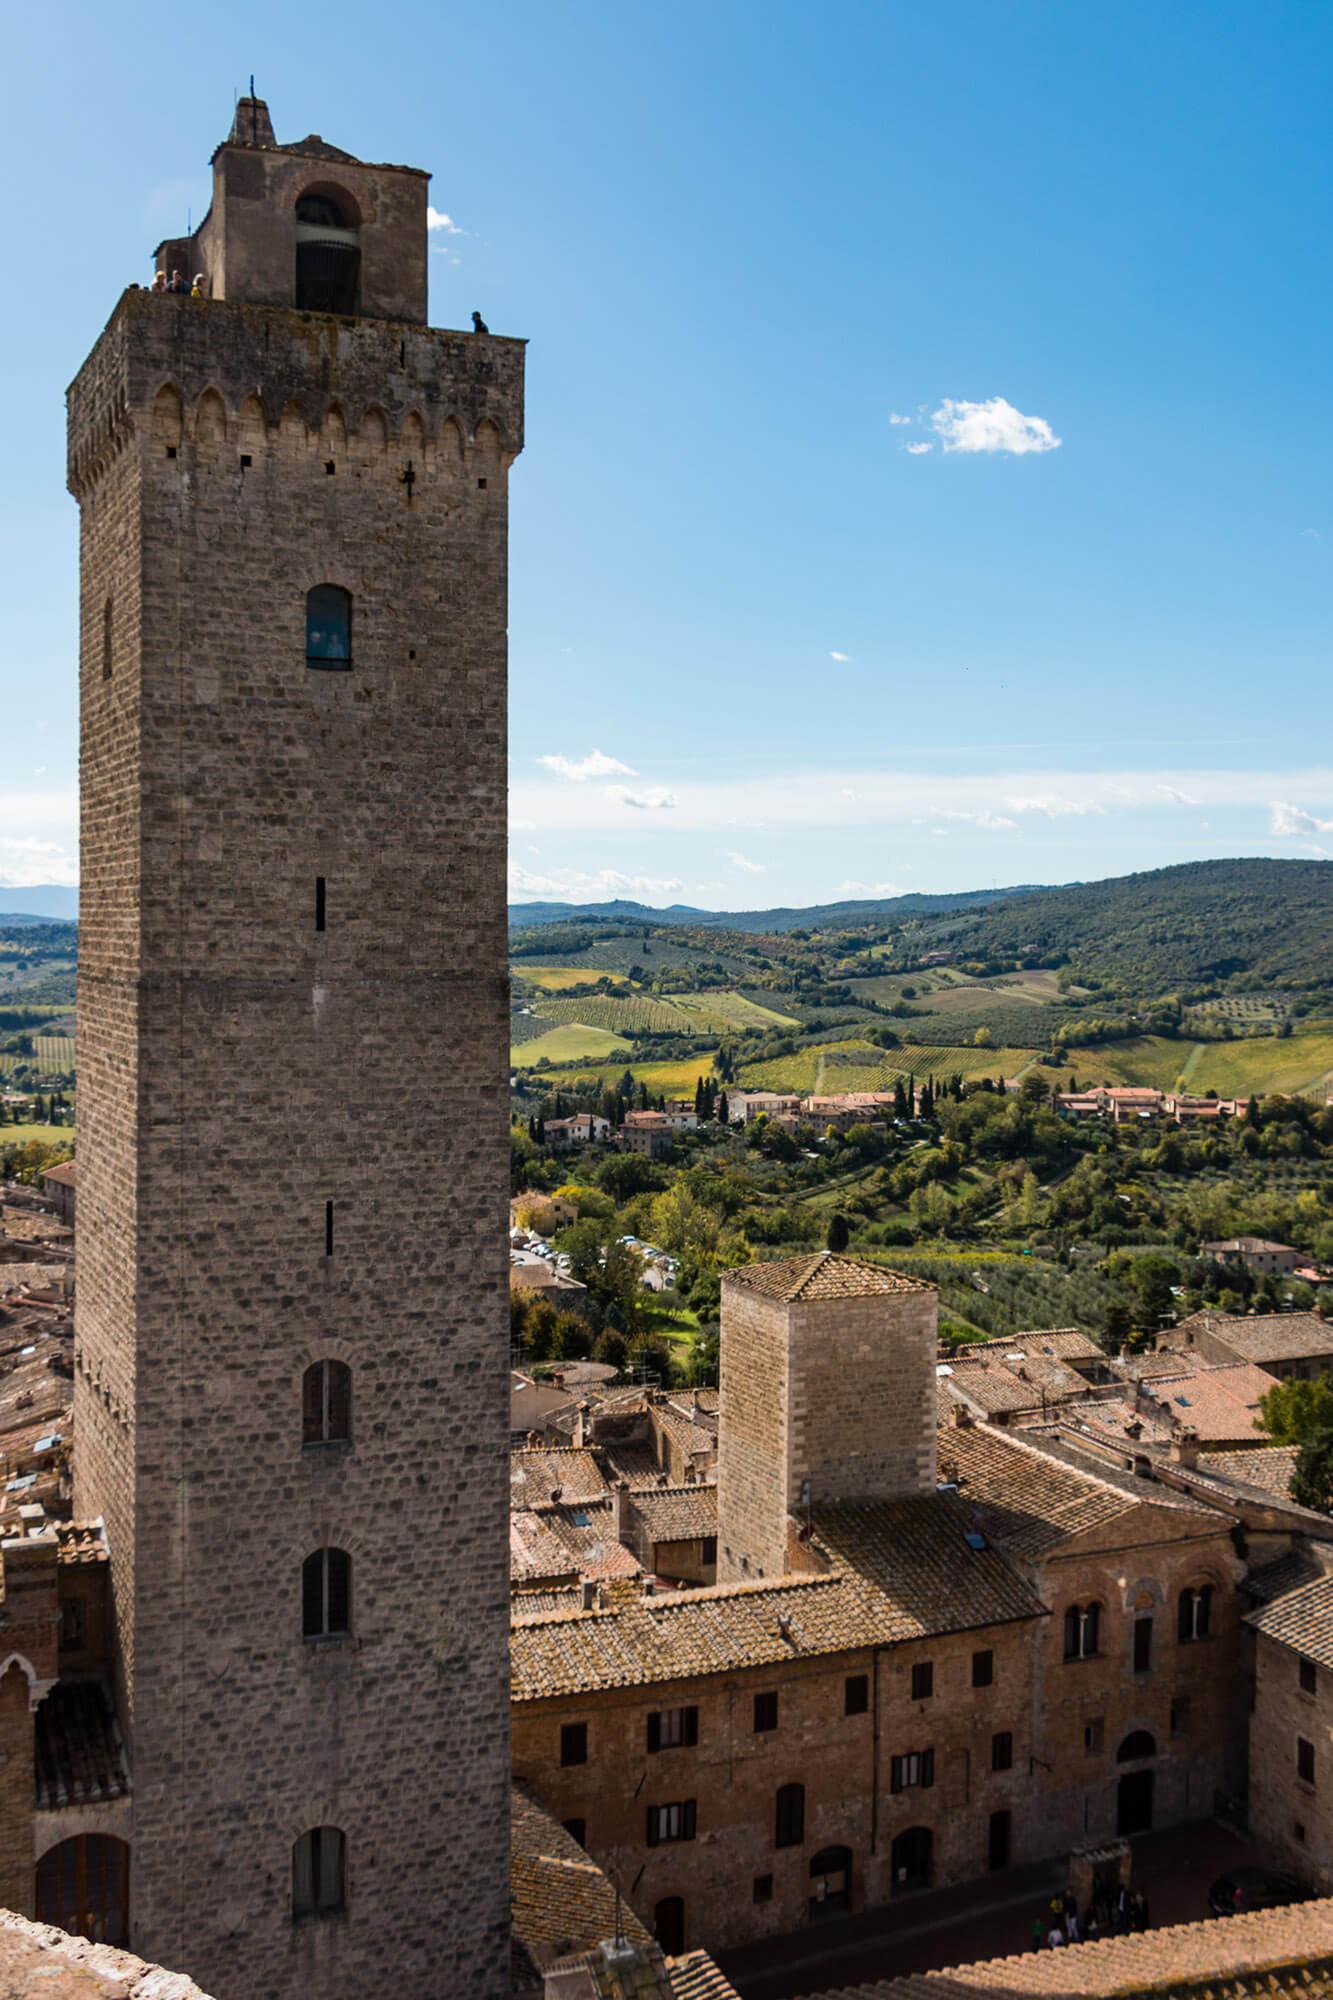 Veduta di Torre Grossa, la torre medievale più alta di San Gimignano